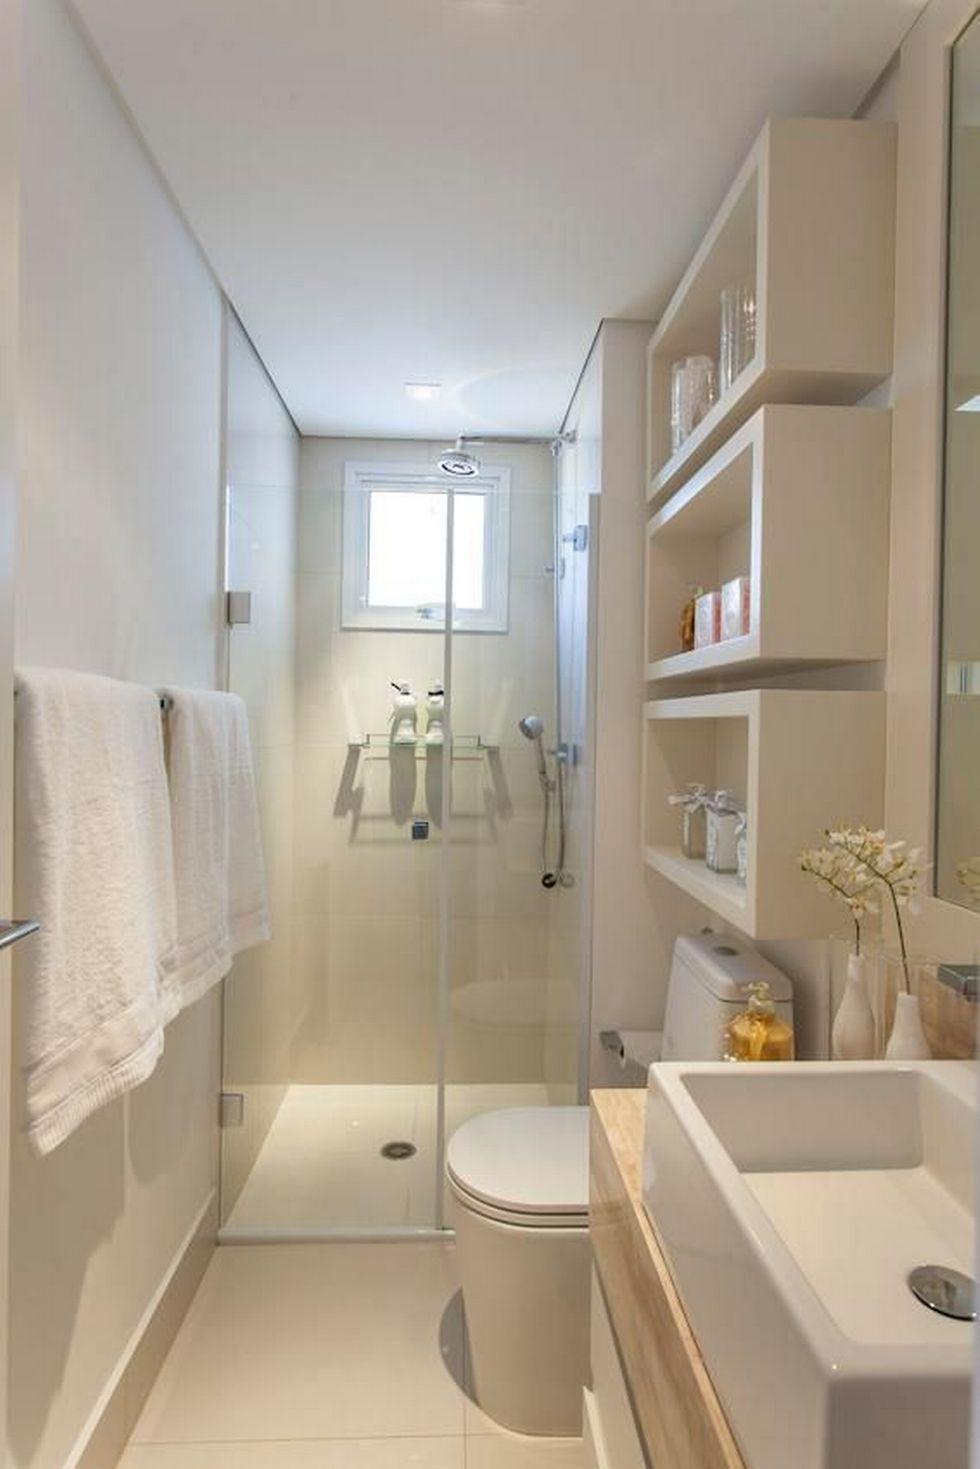 baño pequeño en colores claros